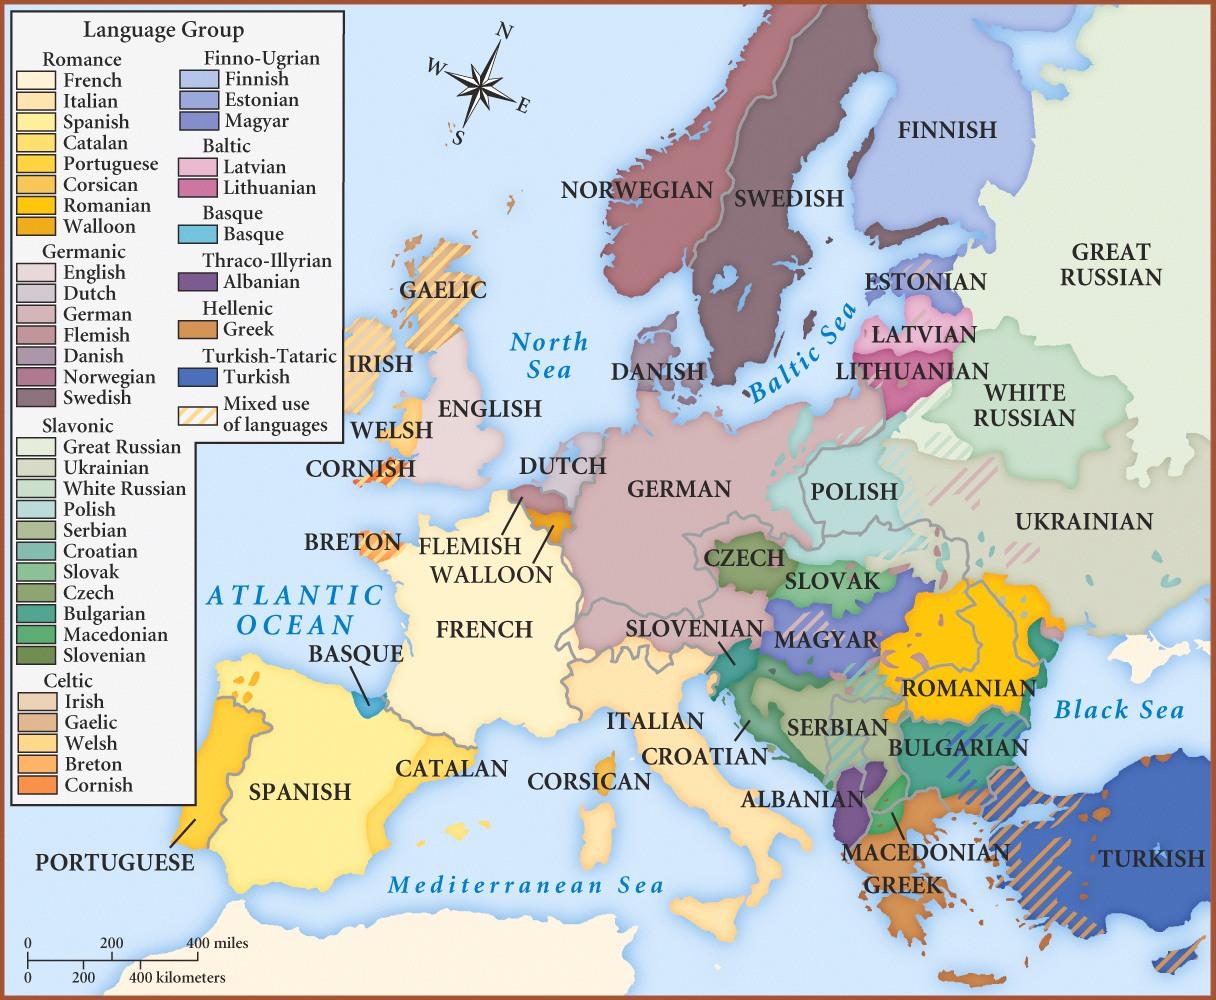 Los grupos lingüísticos de Europa en 1815